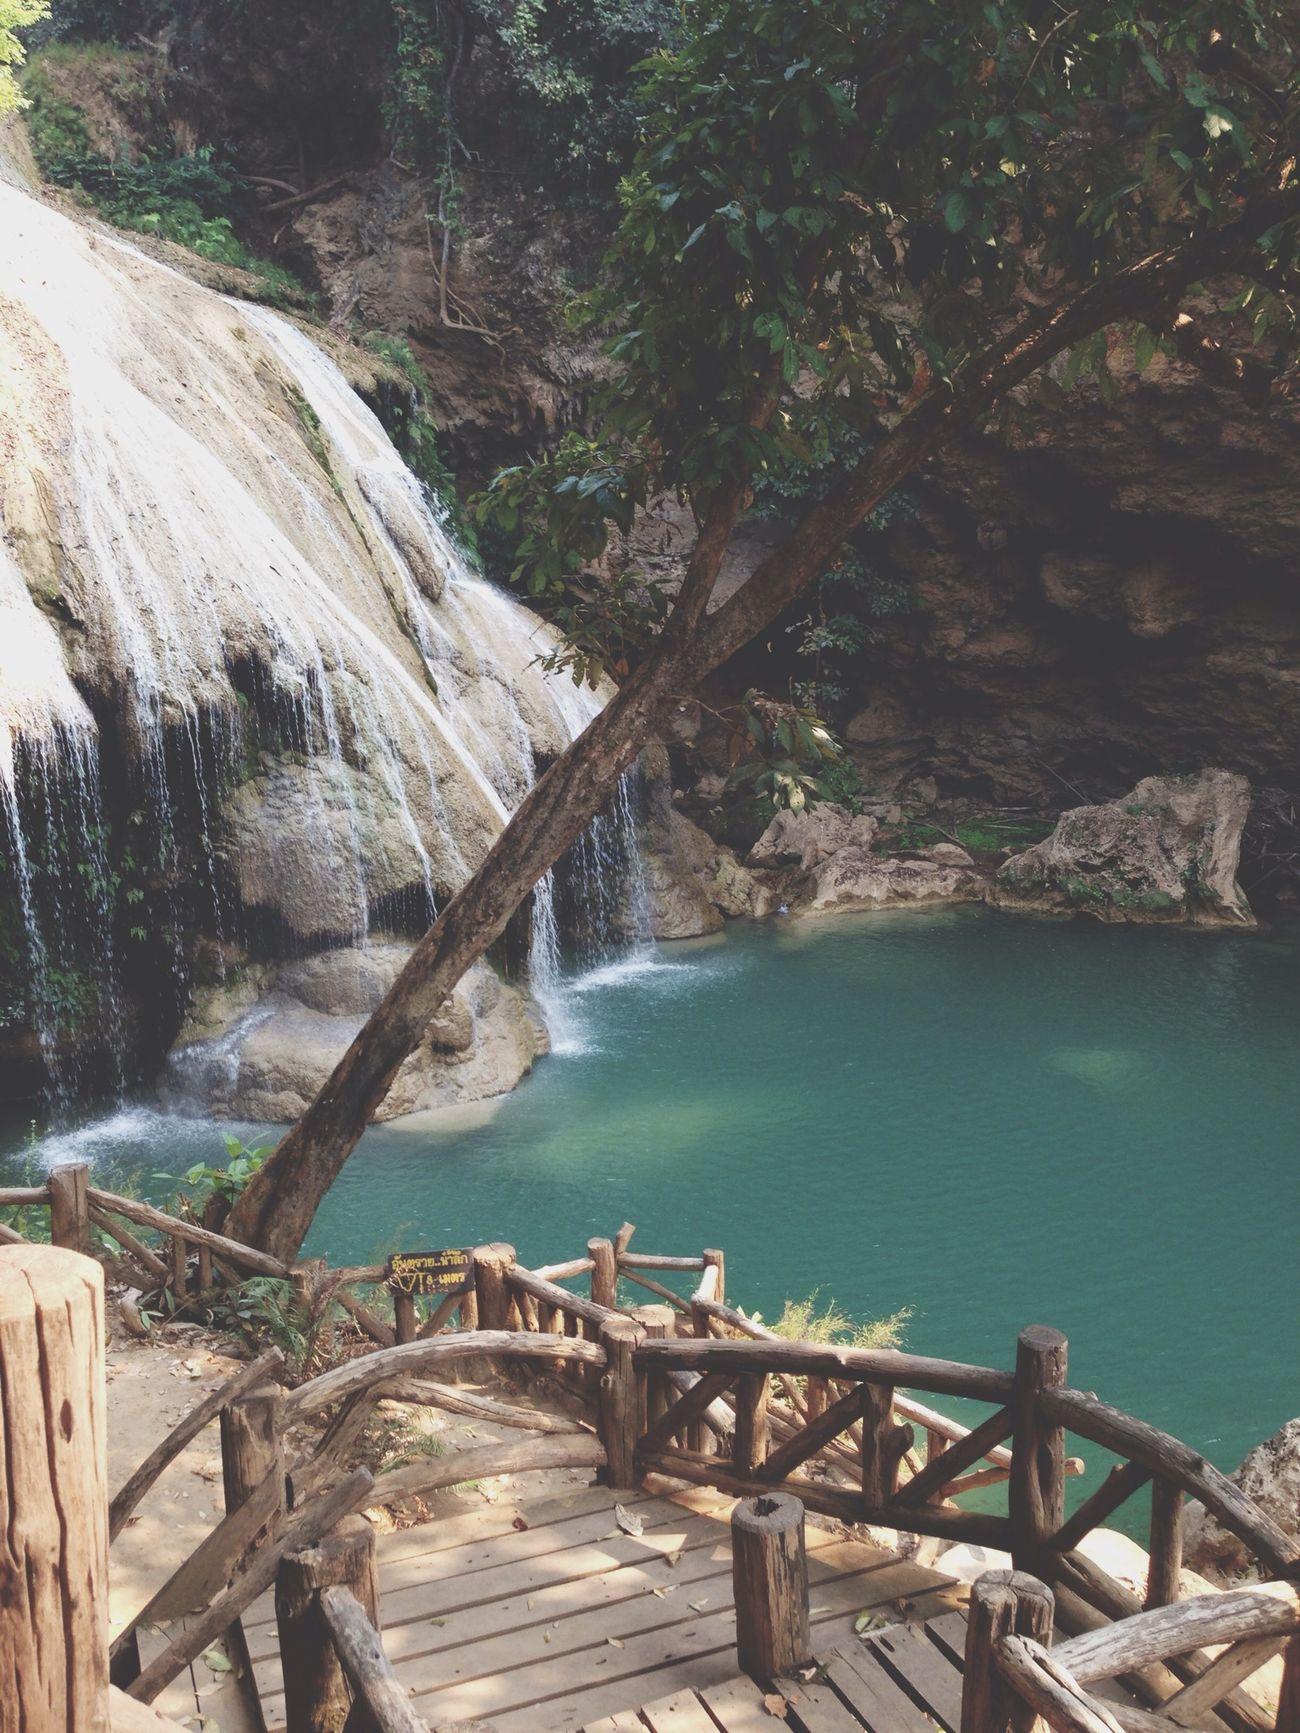 น้ำตกที่สวยที่สุด ที่เคยเห็น